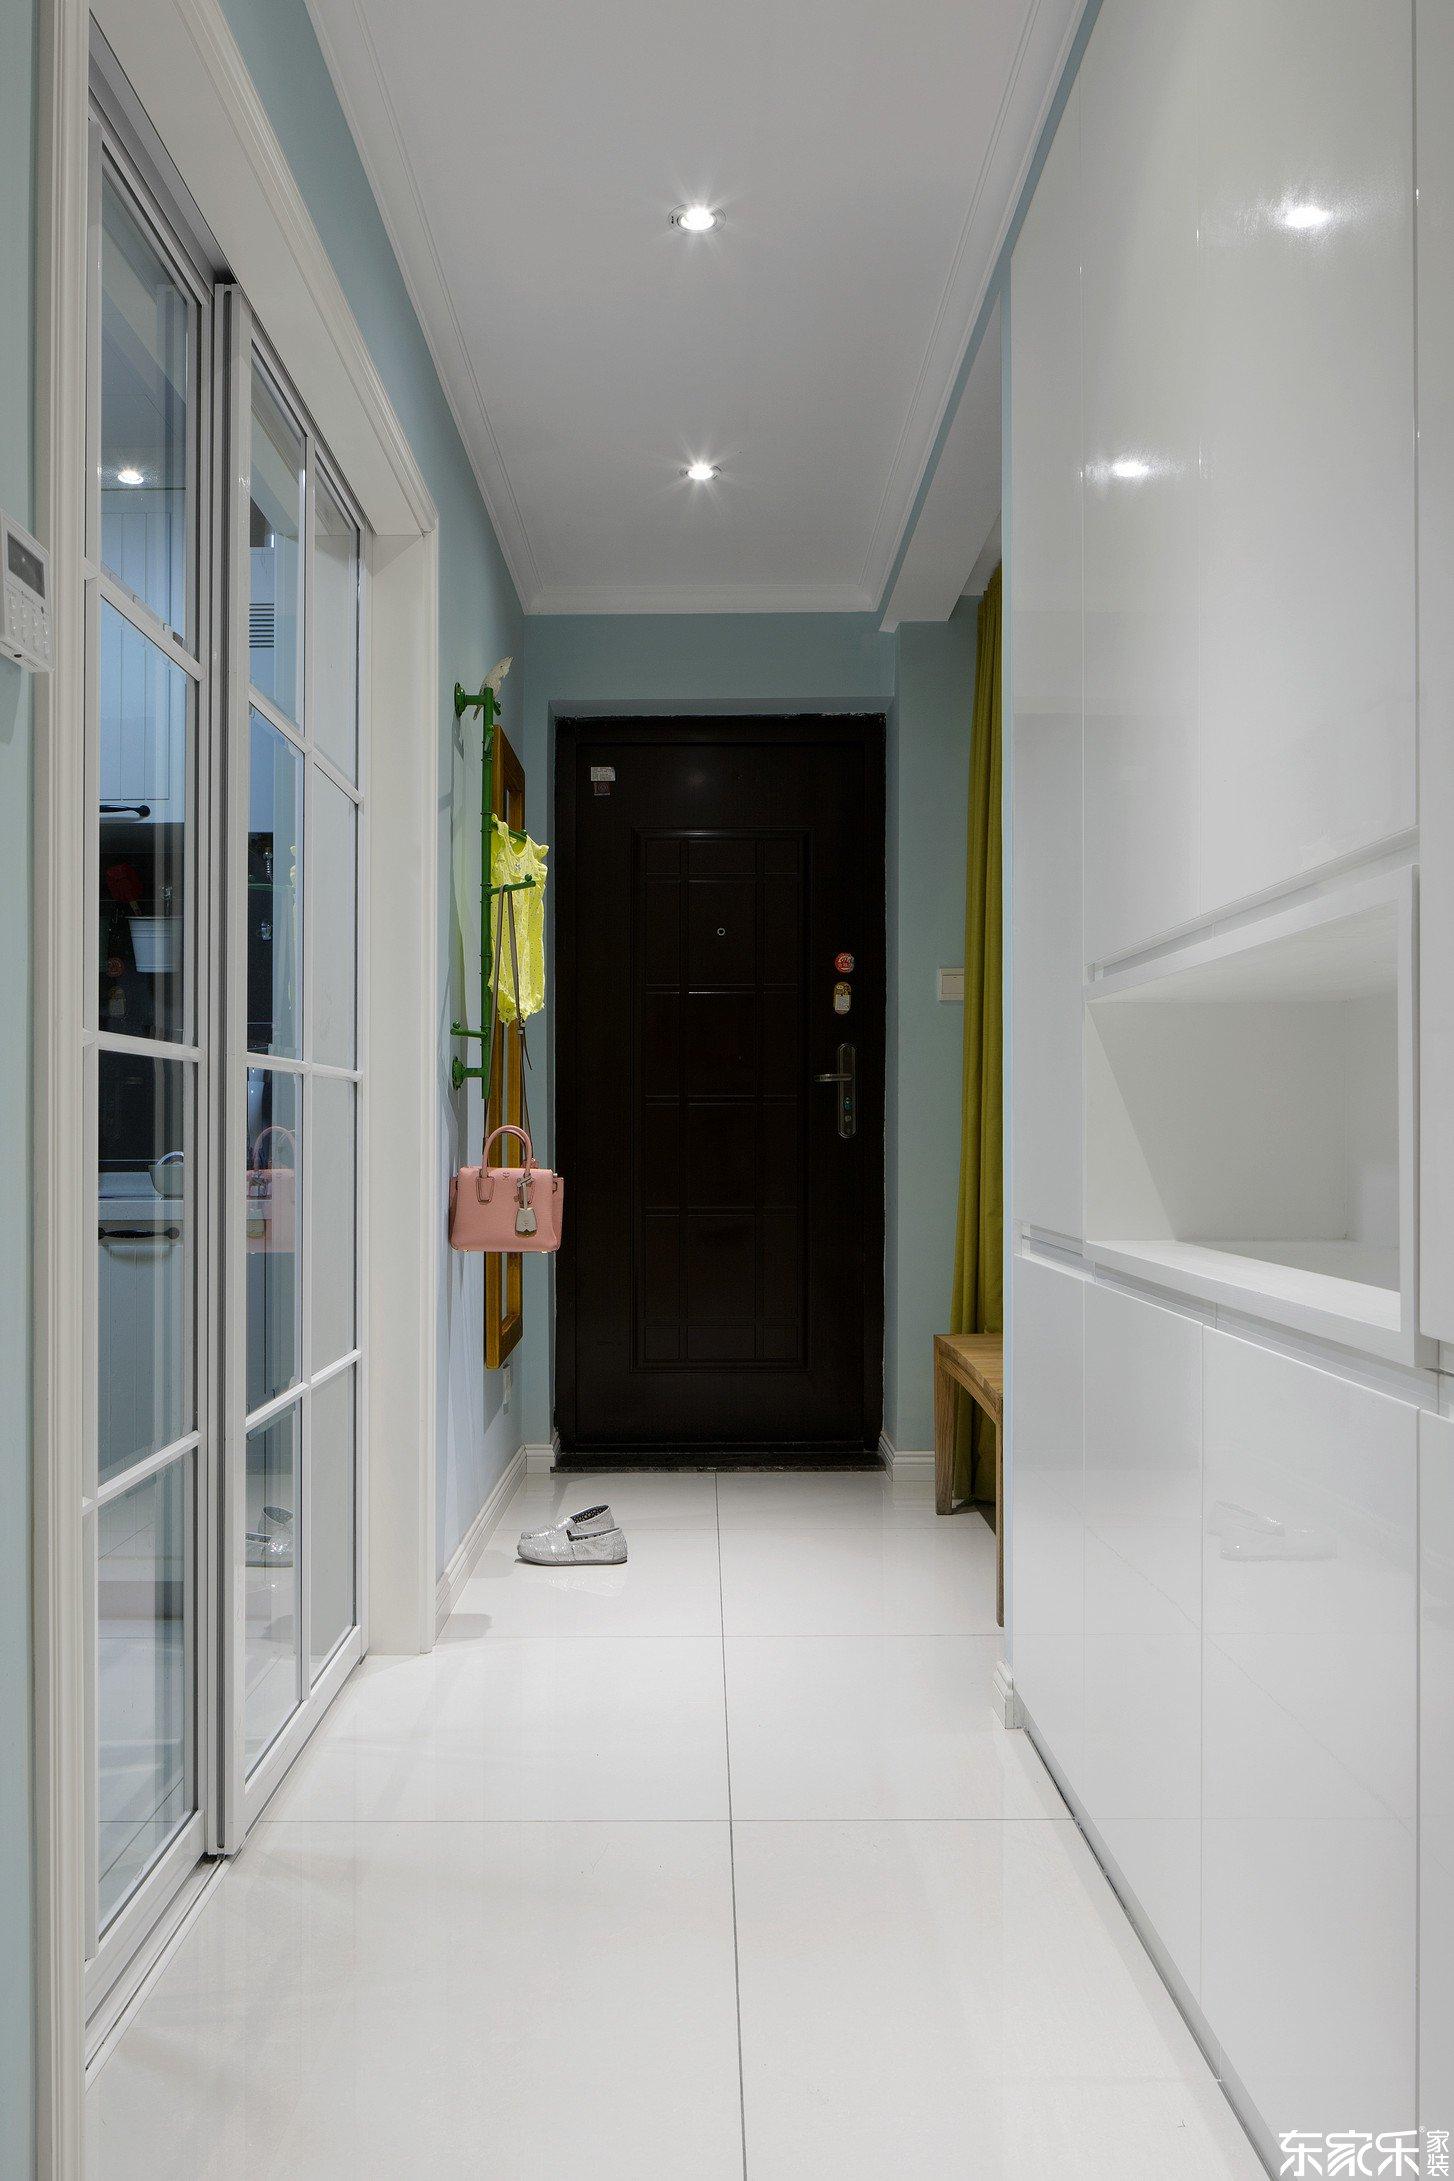 70平米混搭风格客厅玄关设计图